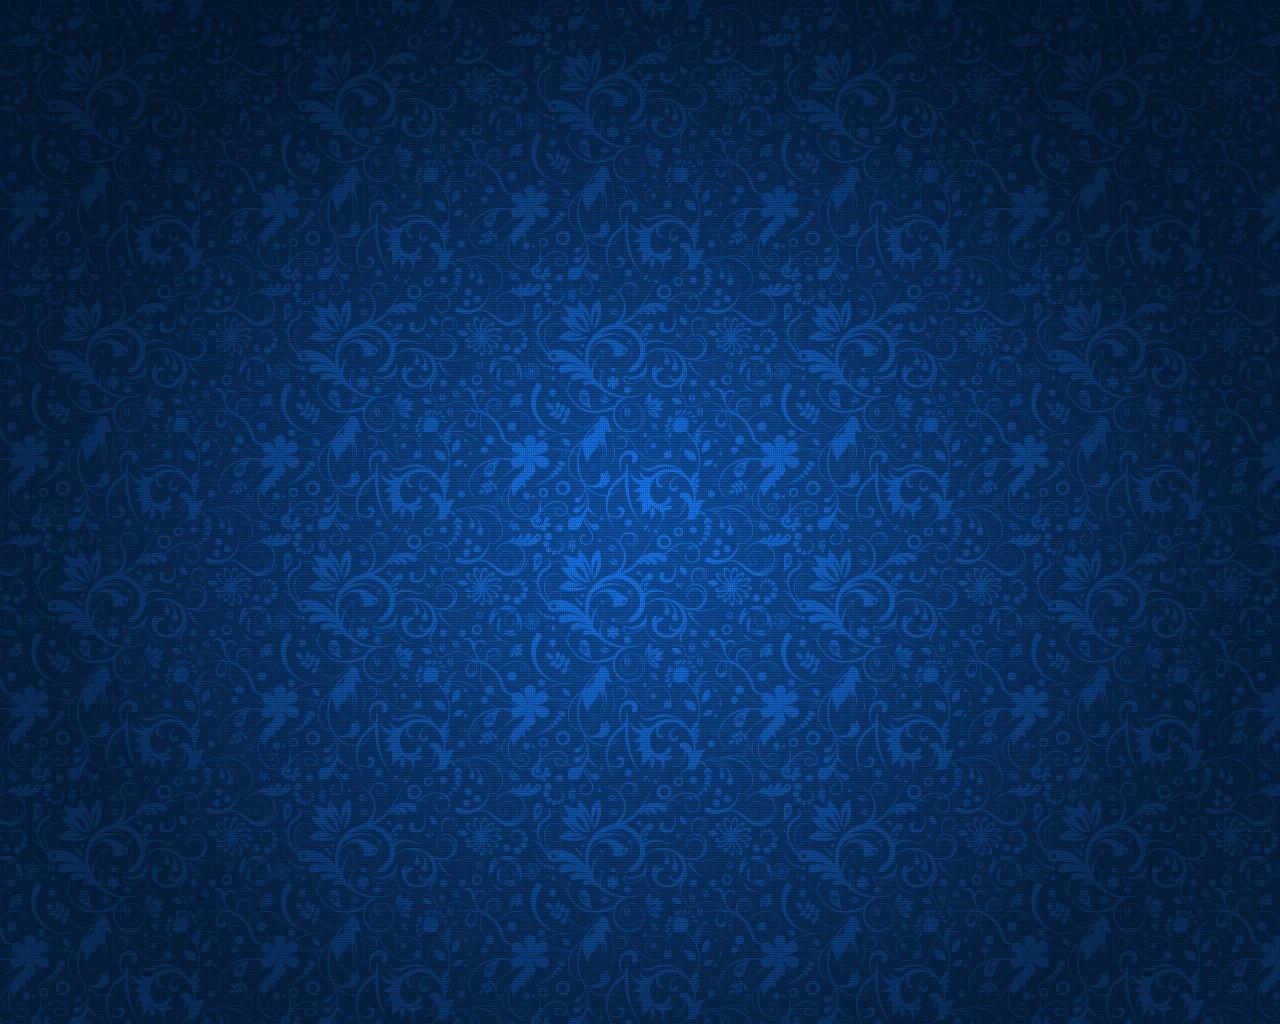 デスクトップ壁紙 抽象 スペース パターン テクスチャ 雰囲気 1280x1024ピクセル コンピュータの壁紙 フォント 現象 青空 電気青 1280x1024 Wallhaven デスクトップ壁紙 Wallhere